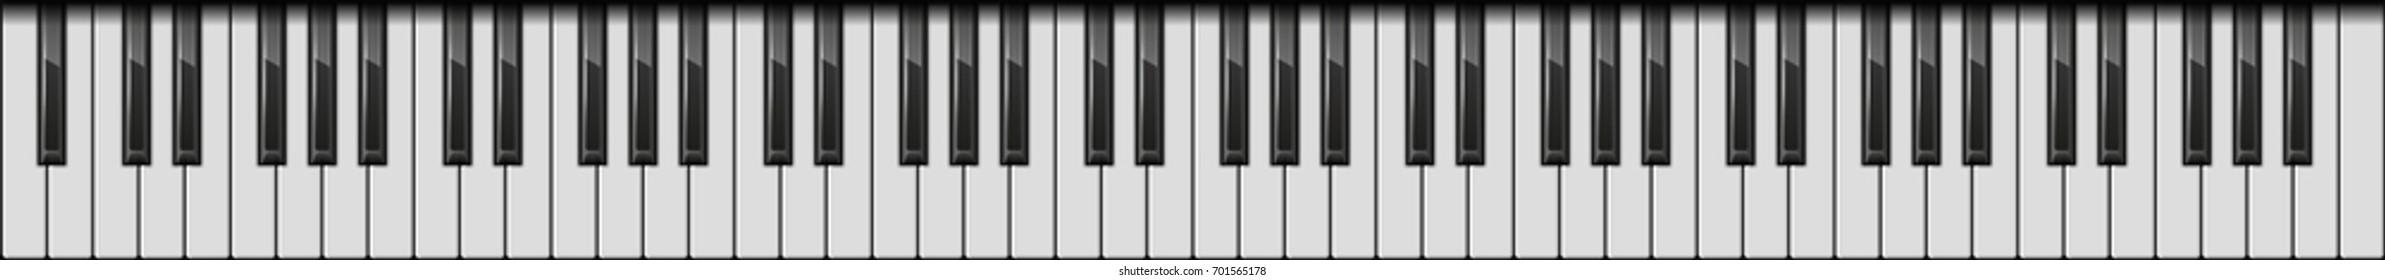 Piano 88 Keys. Realistic Style. Vector